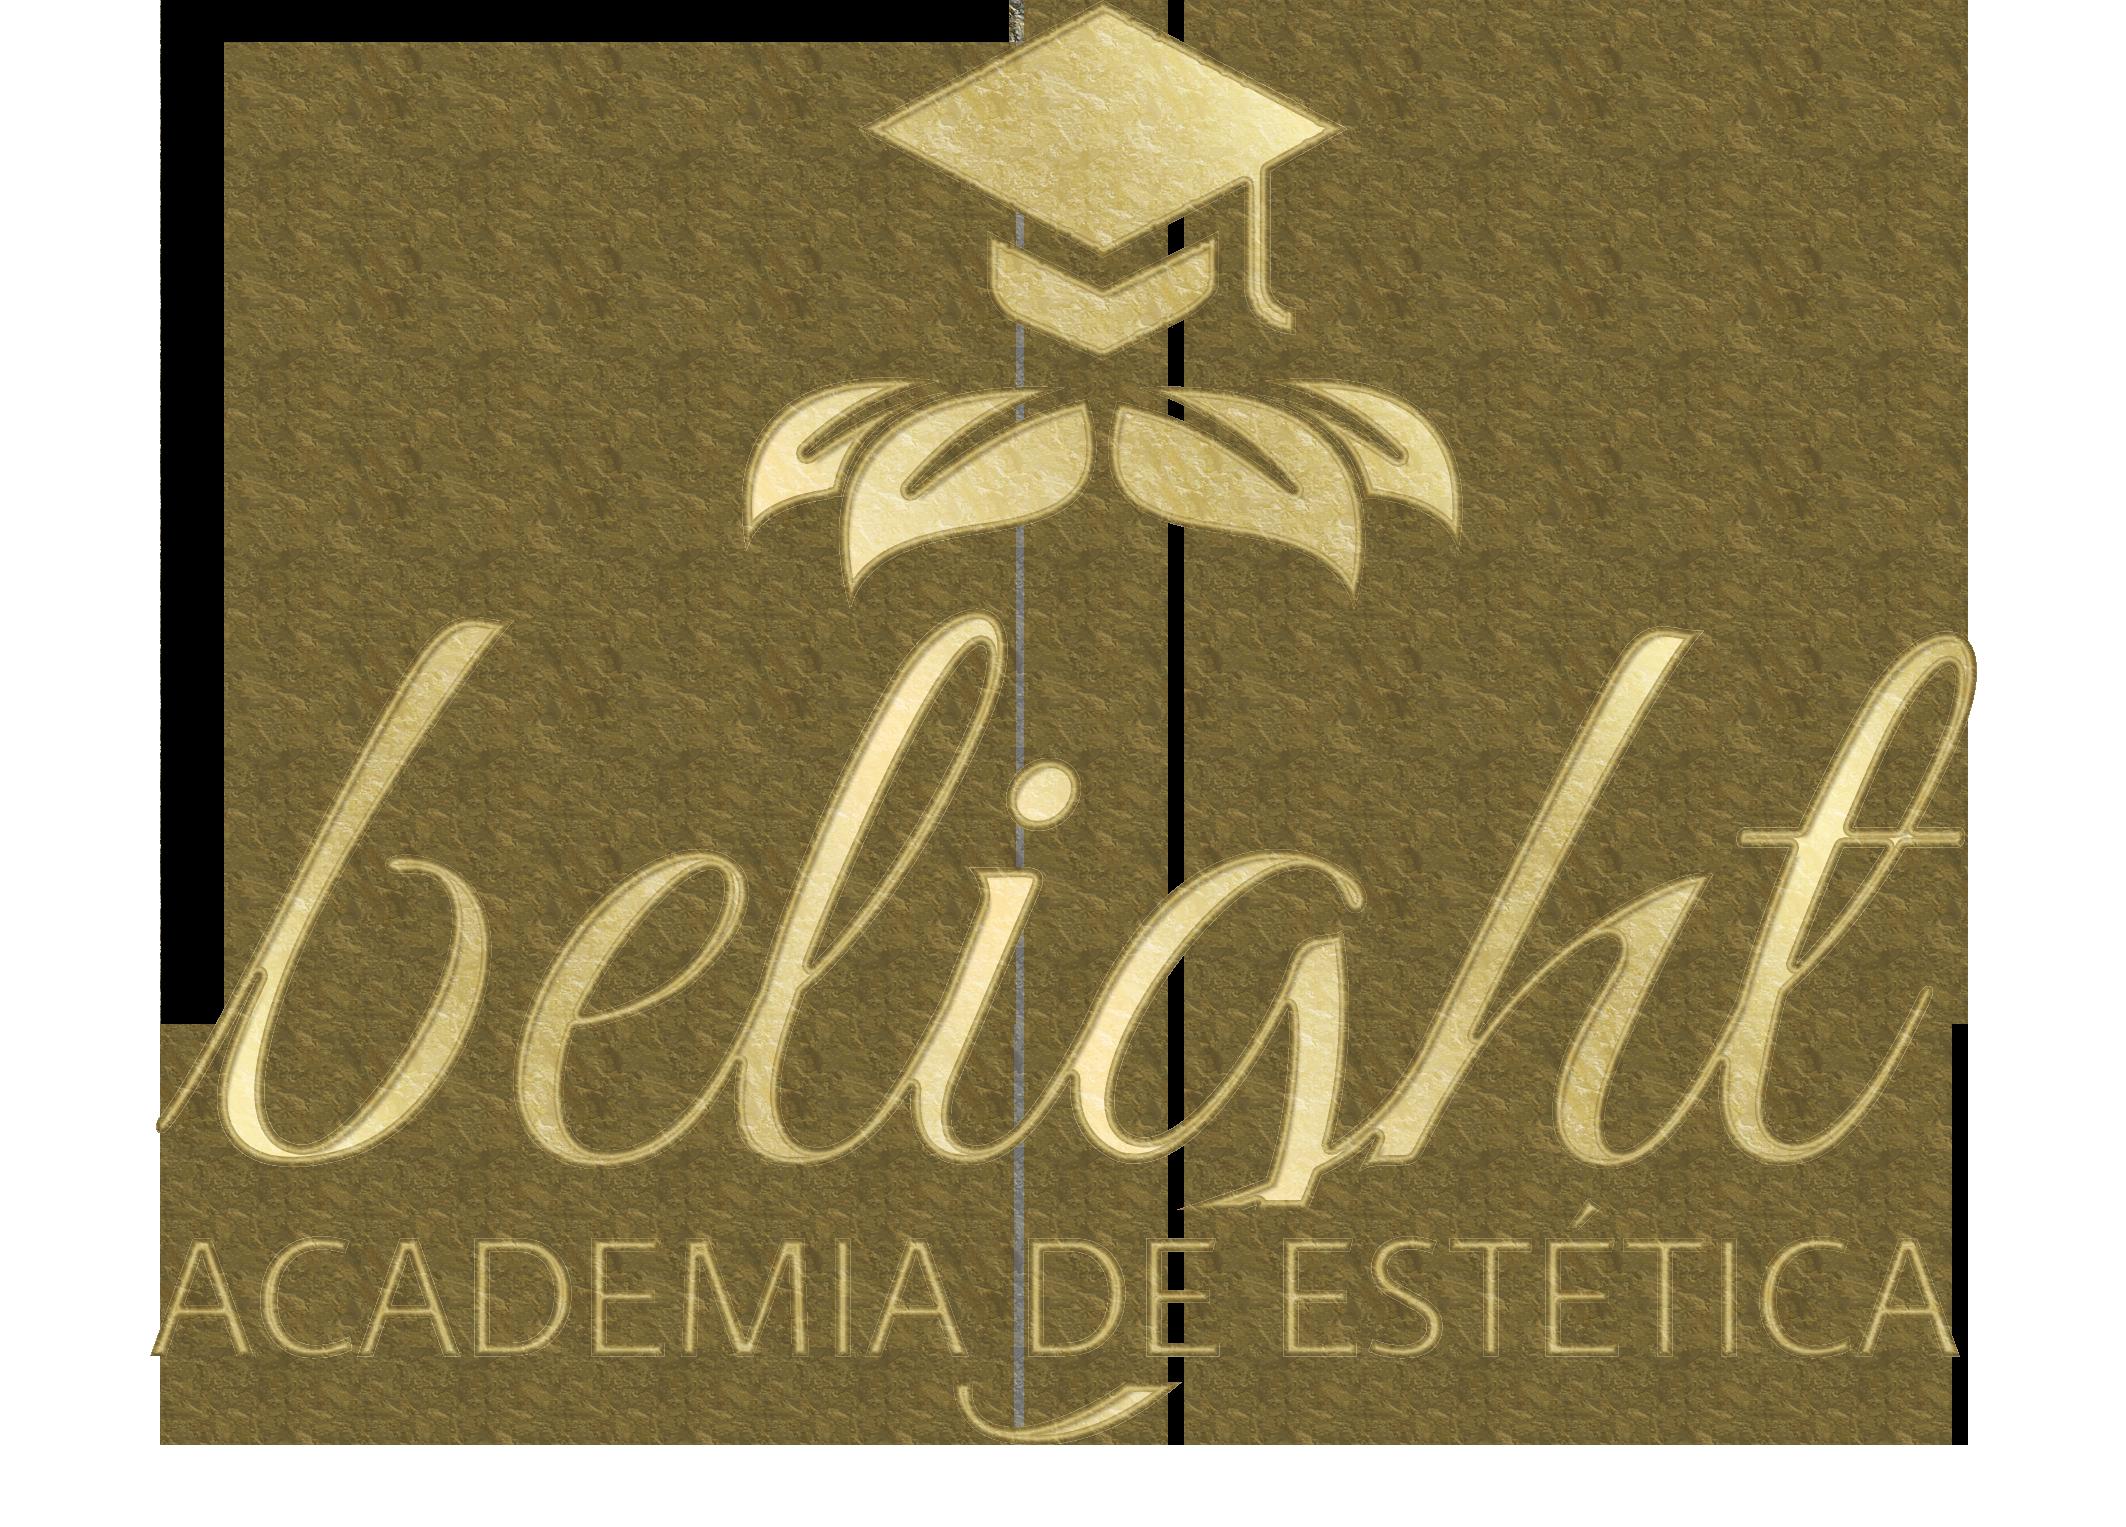 Academia de Estética da Belight – Formação Certificada